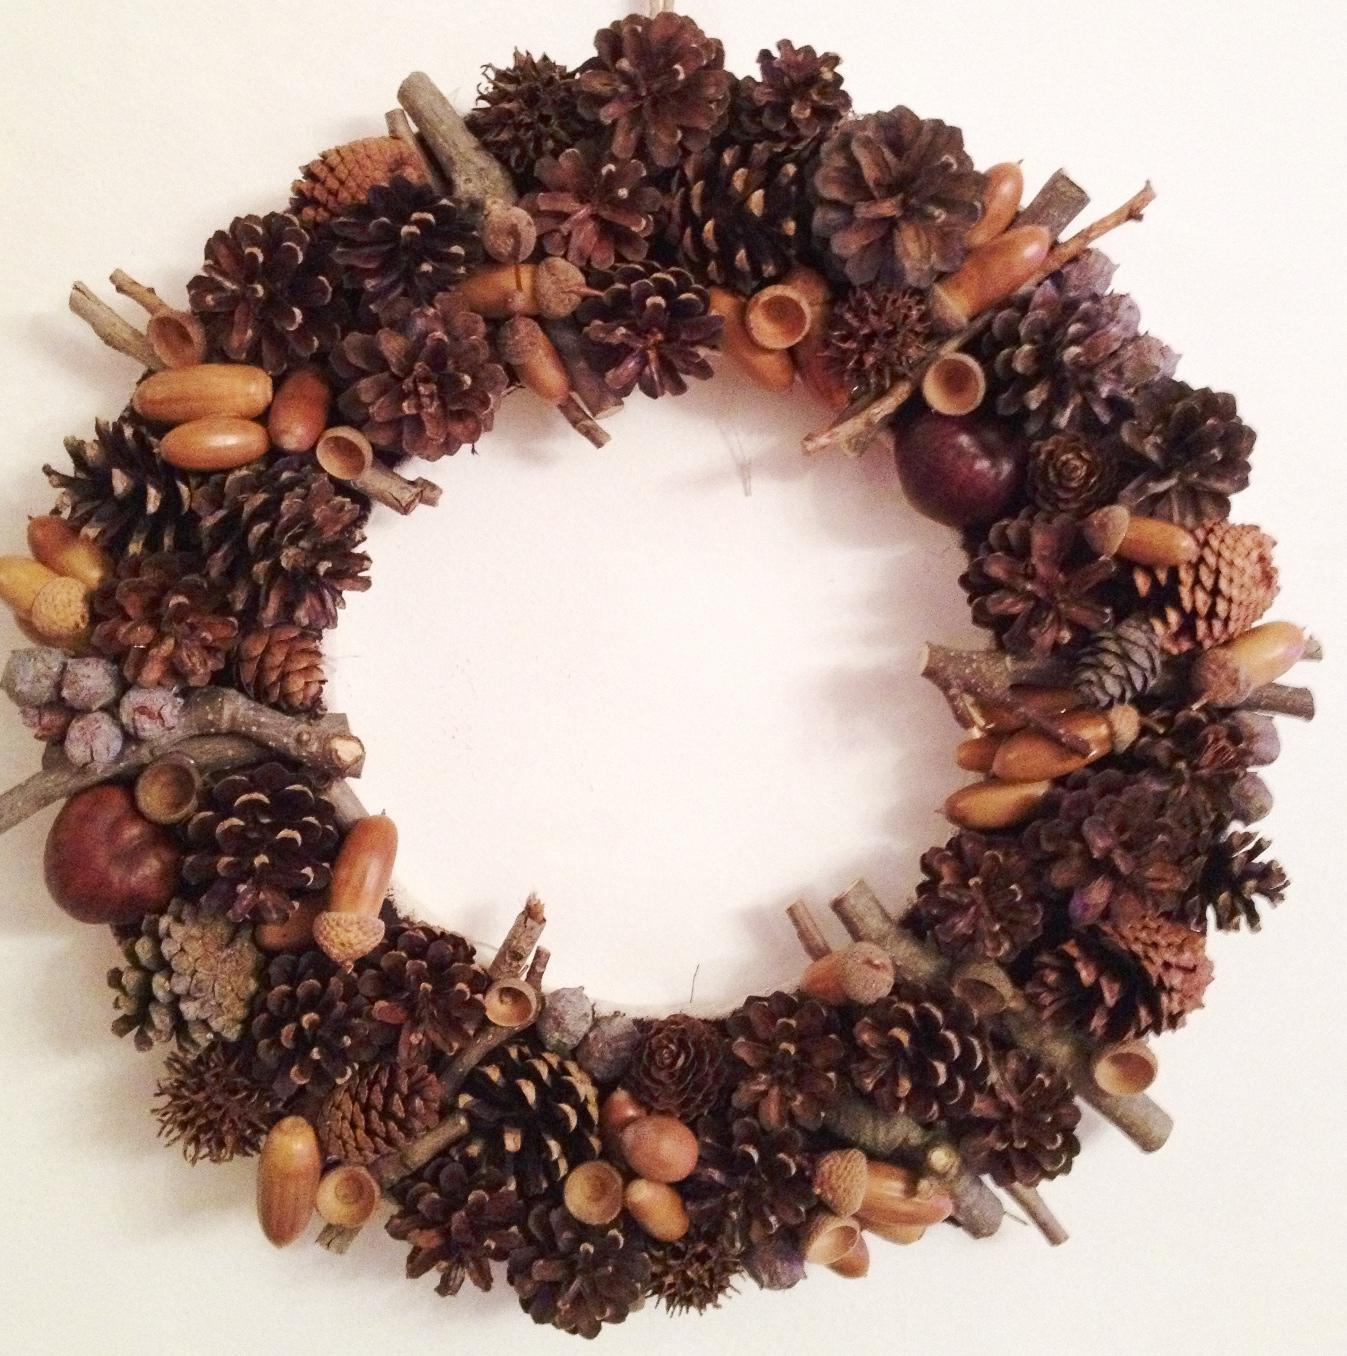 Pigne ghiande castagne e legnetti per la ghirlanda di natale - Decorazioni natalizie con le pigne ...